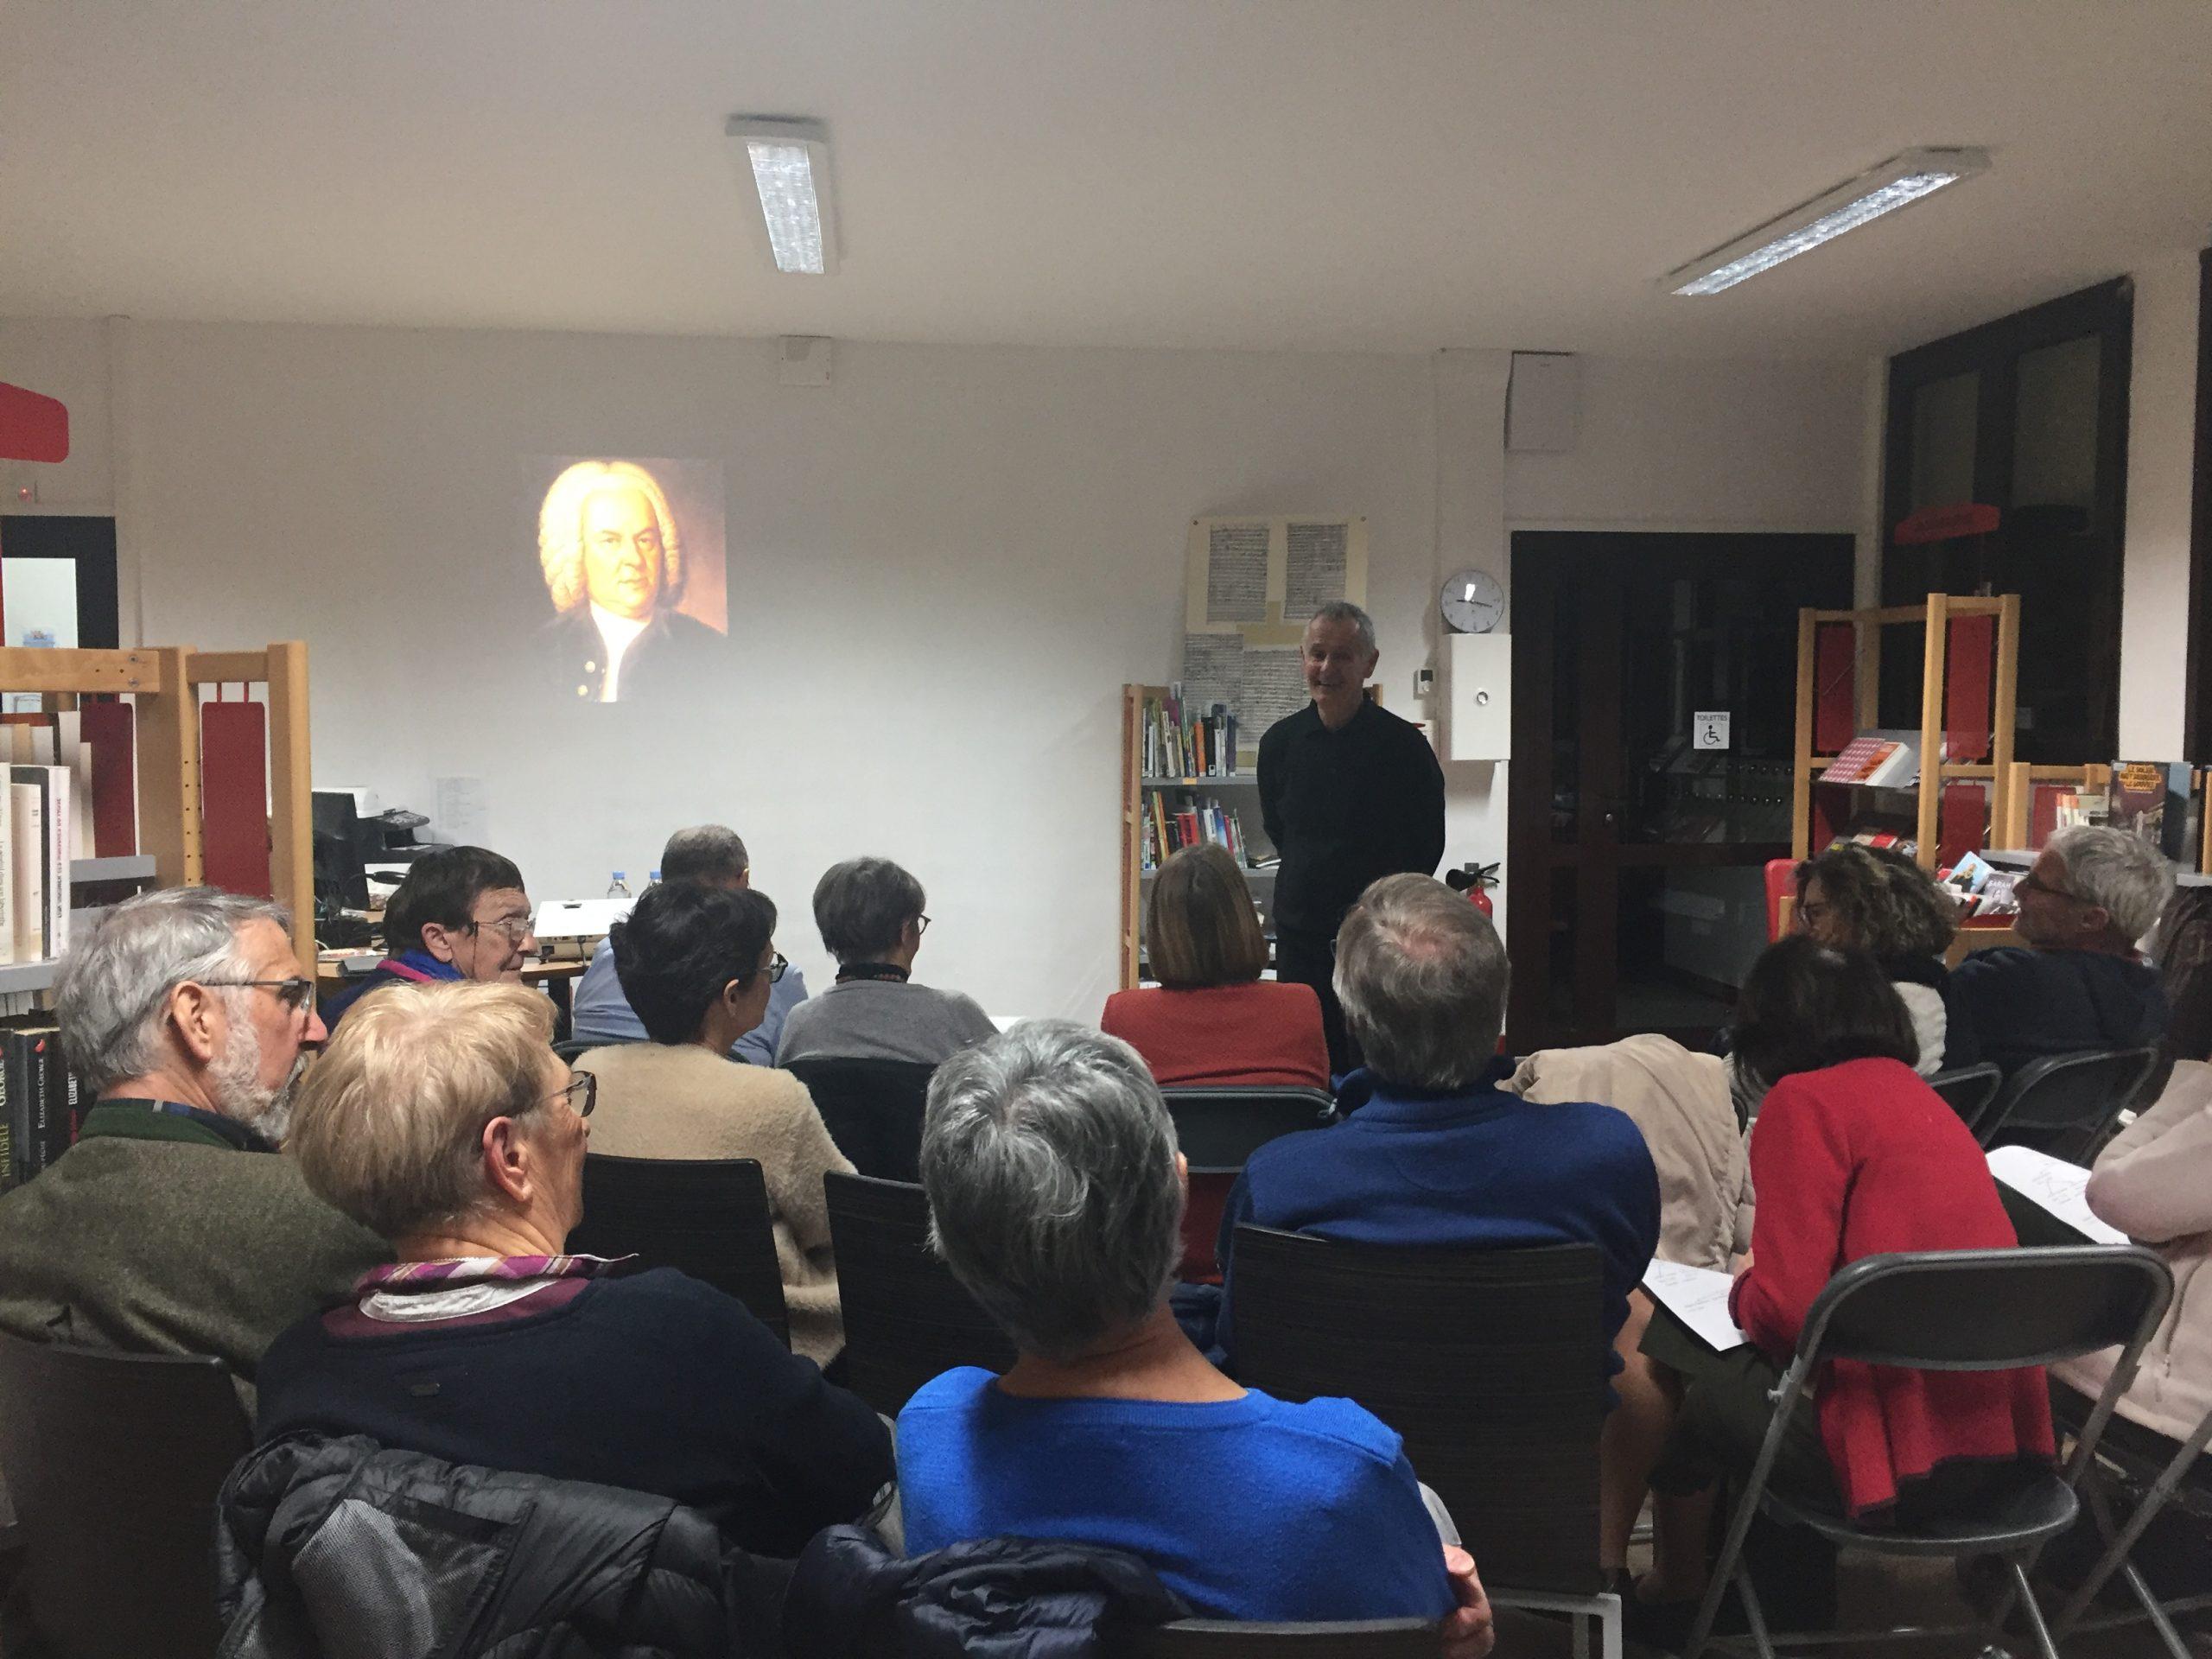 Public rassemblé dans une salle pour Quand l'oeil écoute, le rendez-vous musical proposé par Jean Laurent et le Moulin du Roc, Scène nationale à Niort